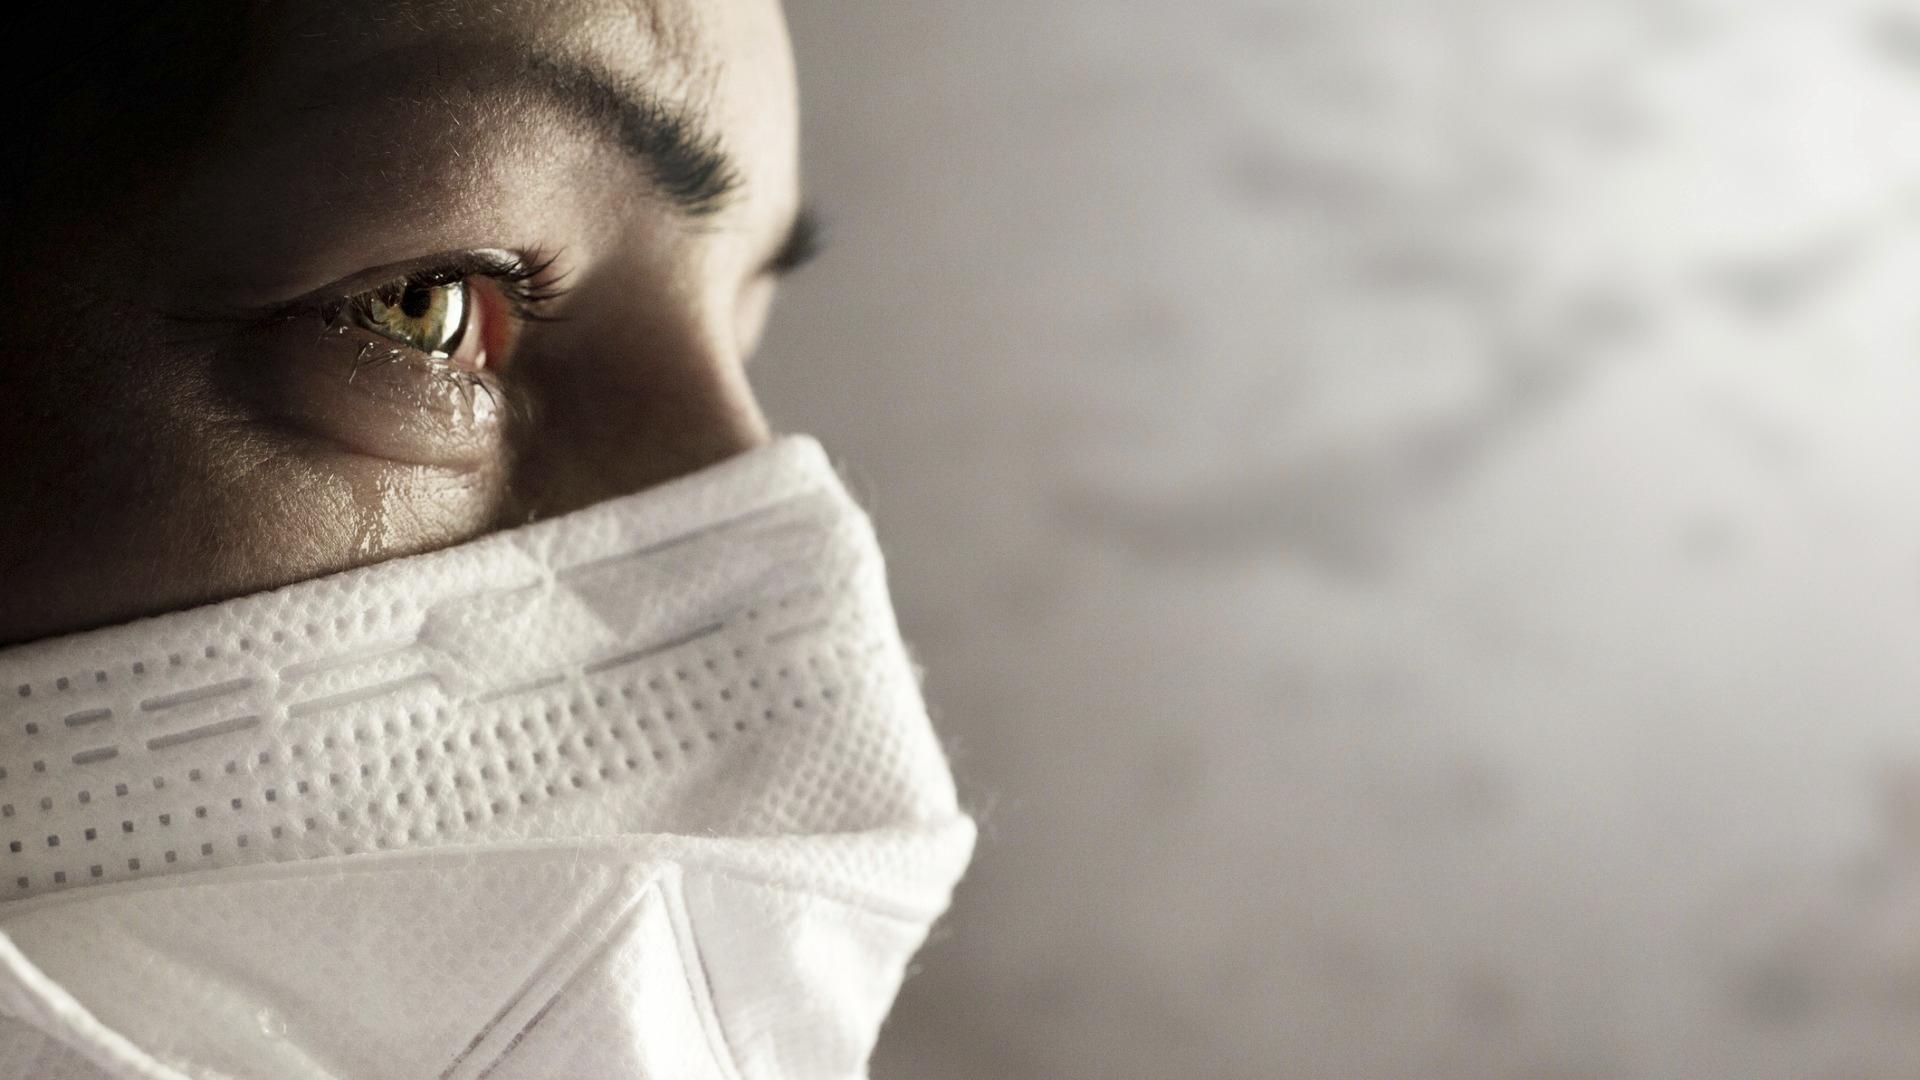 Pitkä Covid voi oireilla esimerkiksi väsymyksenä, sydämentykytyksenä tai siihen voi liittyä elinvaurioita.